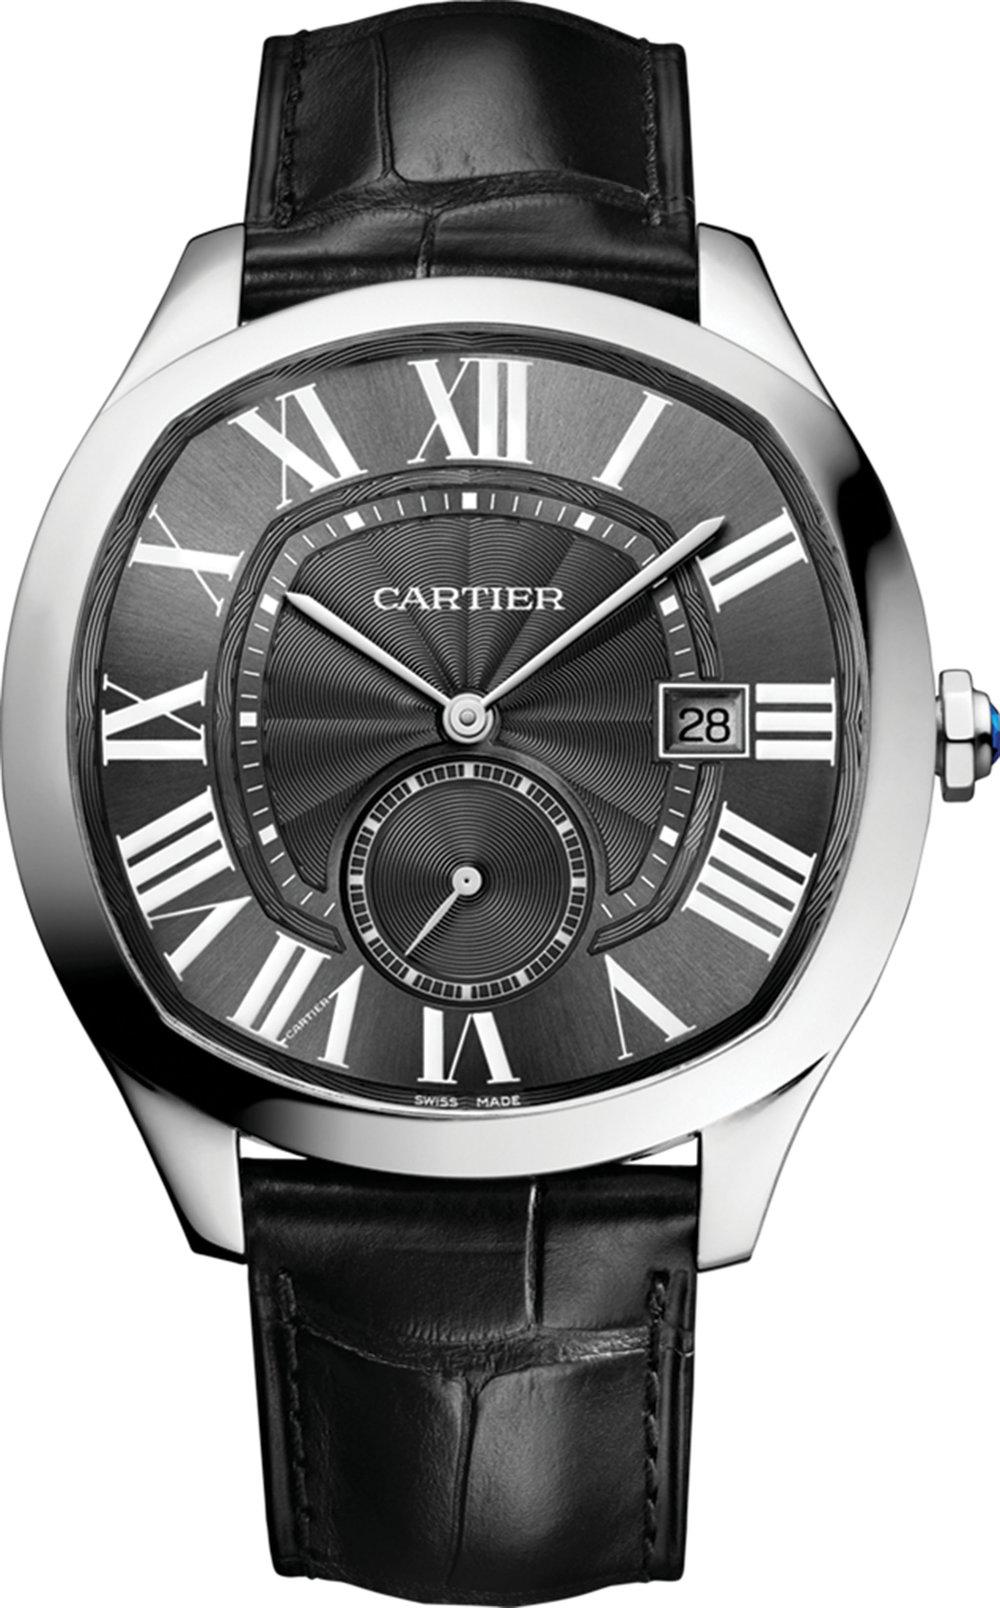 7.Cartier 腕錶 $7,900, cartier.com